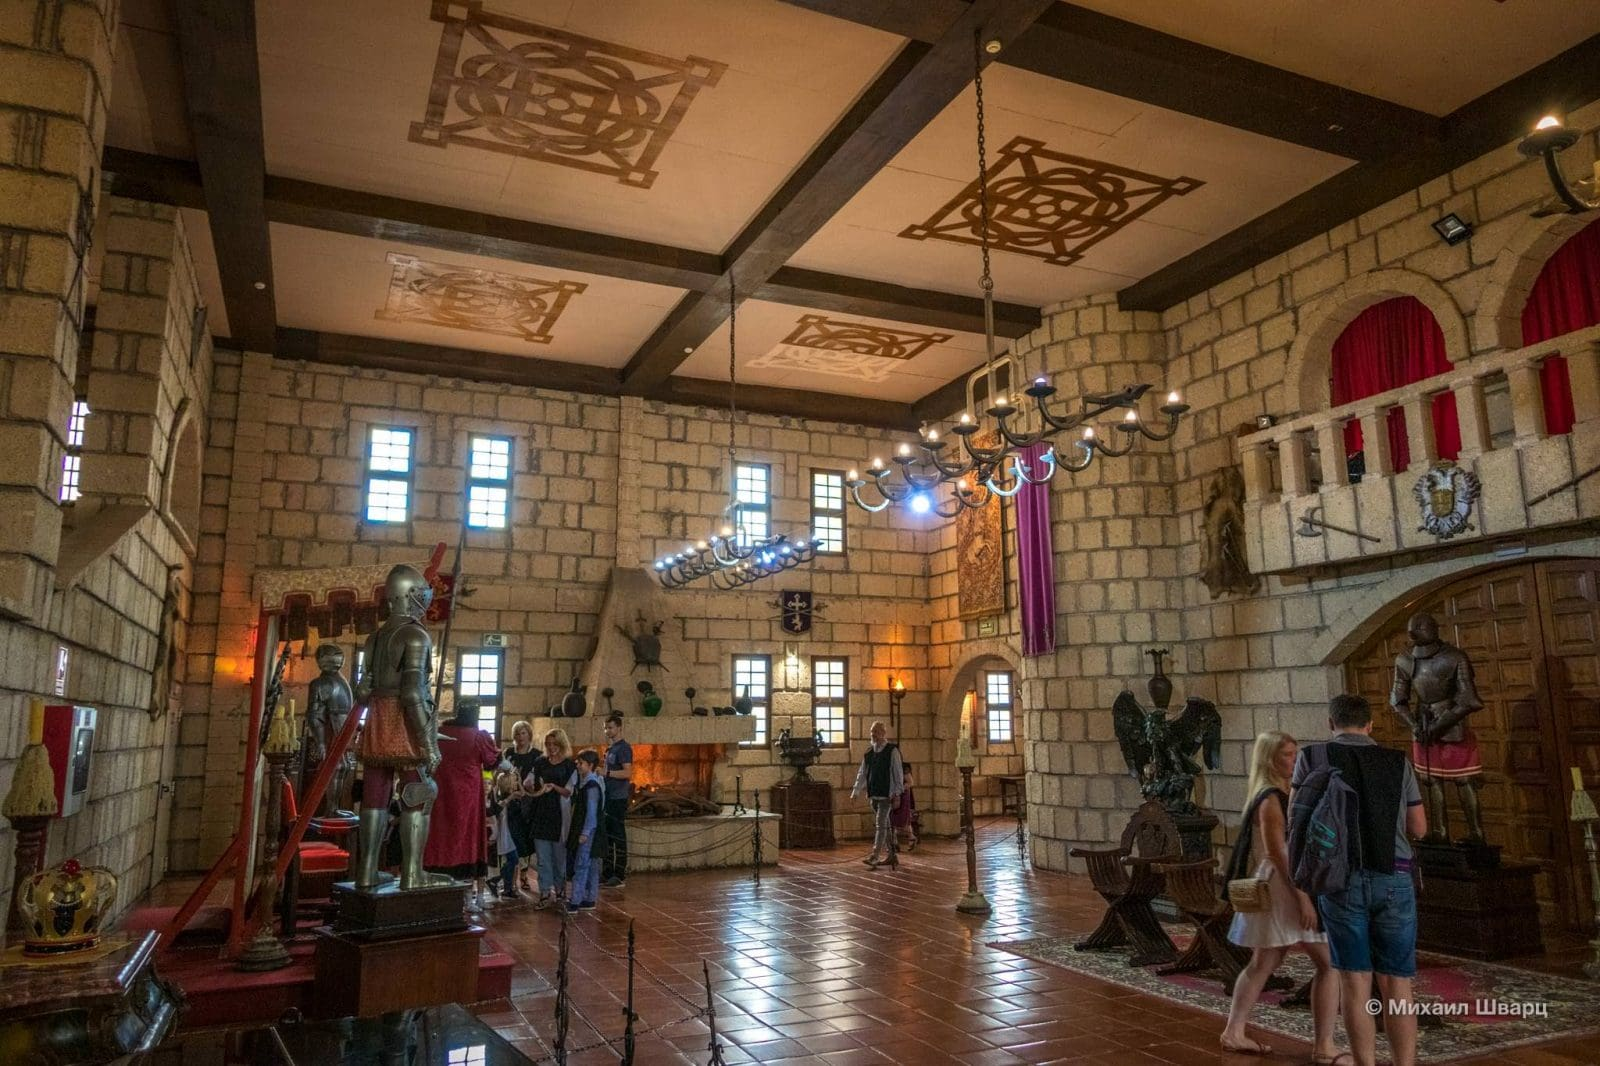 Тронный зал в замке Сан-Мигель